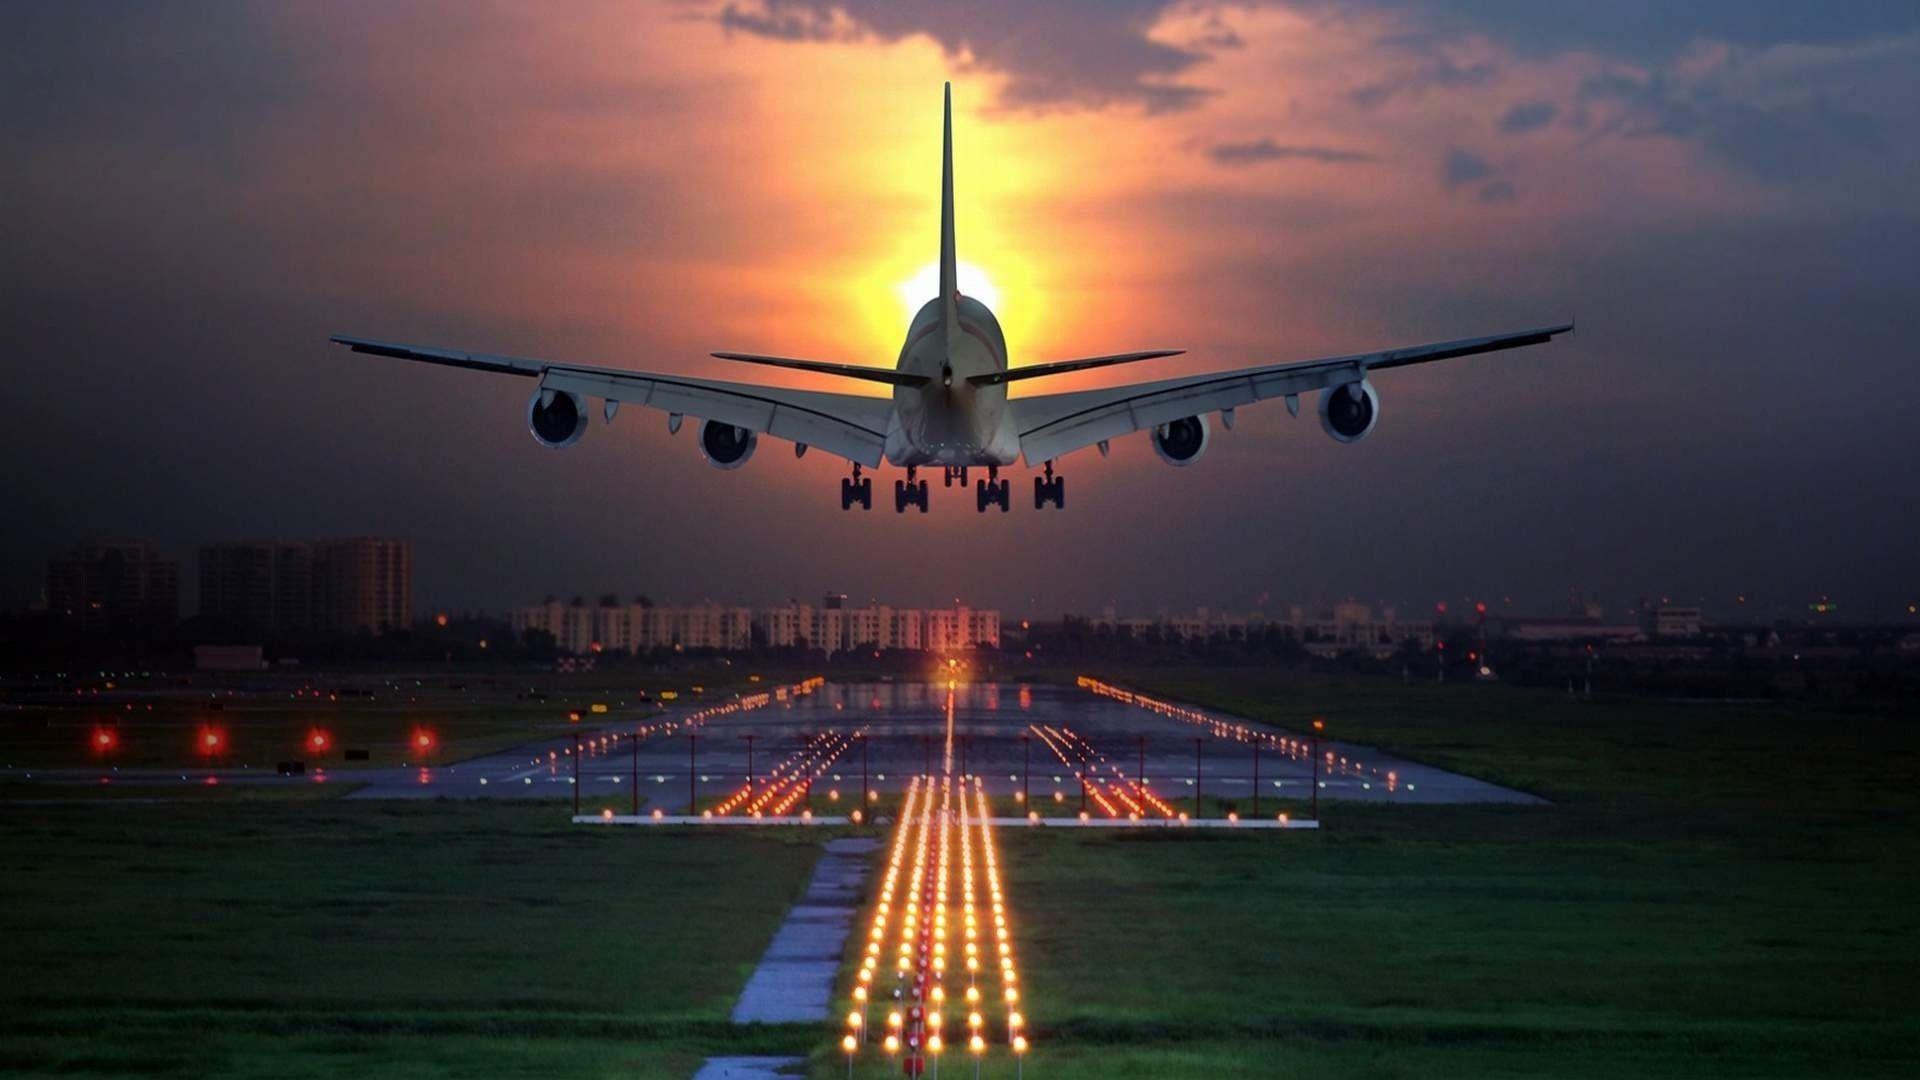 Big Airplane Landing On Runway At Night Wallpaper Big Airplane